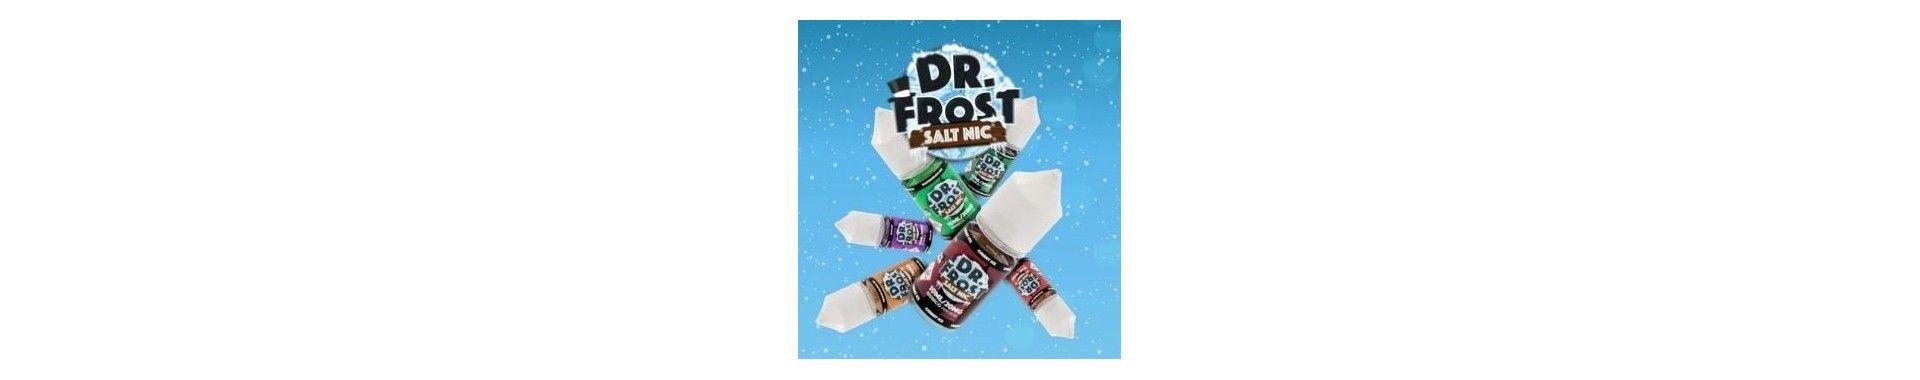 DR. Frost Salt